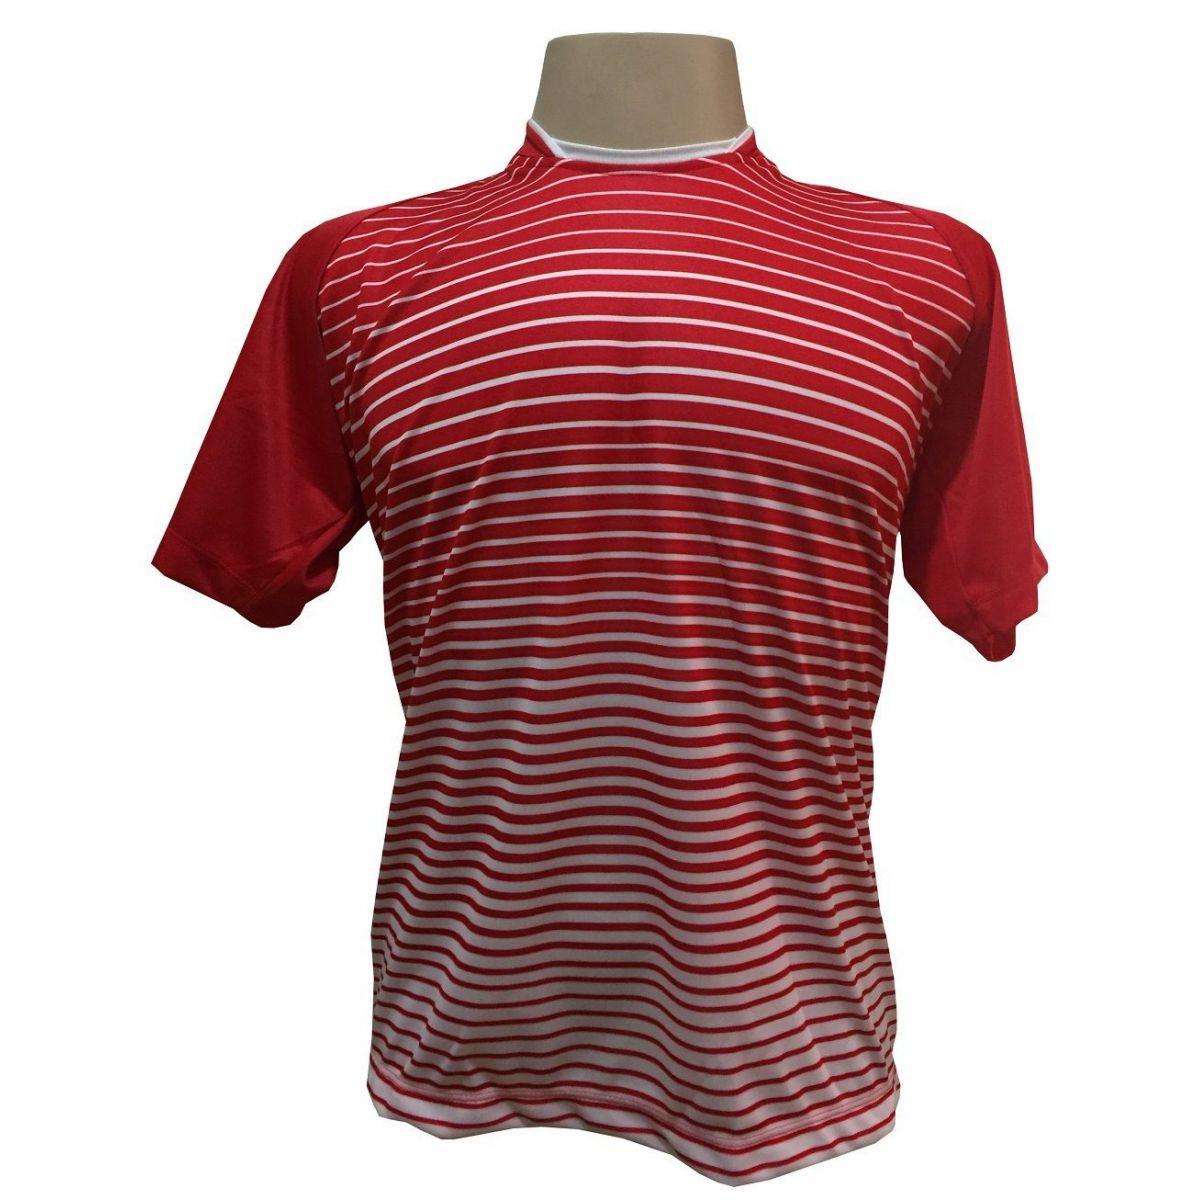 Uniforme Esportivo com 18 camisas modelo City Vermelho/Branco + 18 calções modelo Madrid Vermelho + Brindes